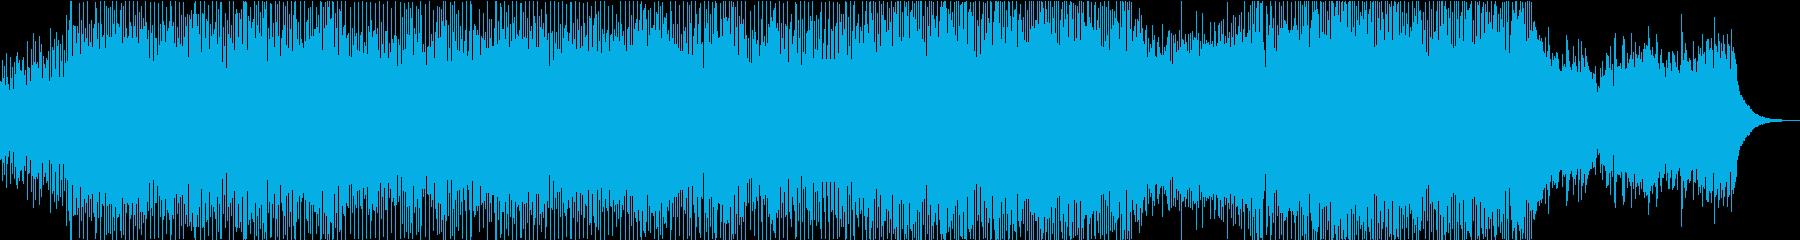 ピアノが爽やかなポップス 映像・VP等にの再生済みの波形